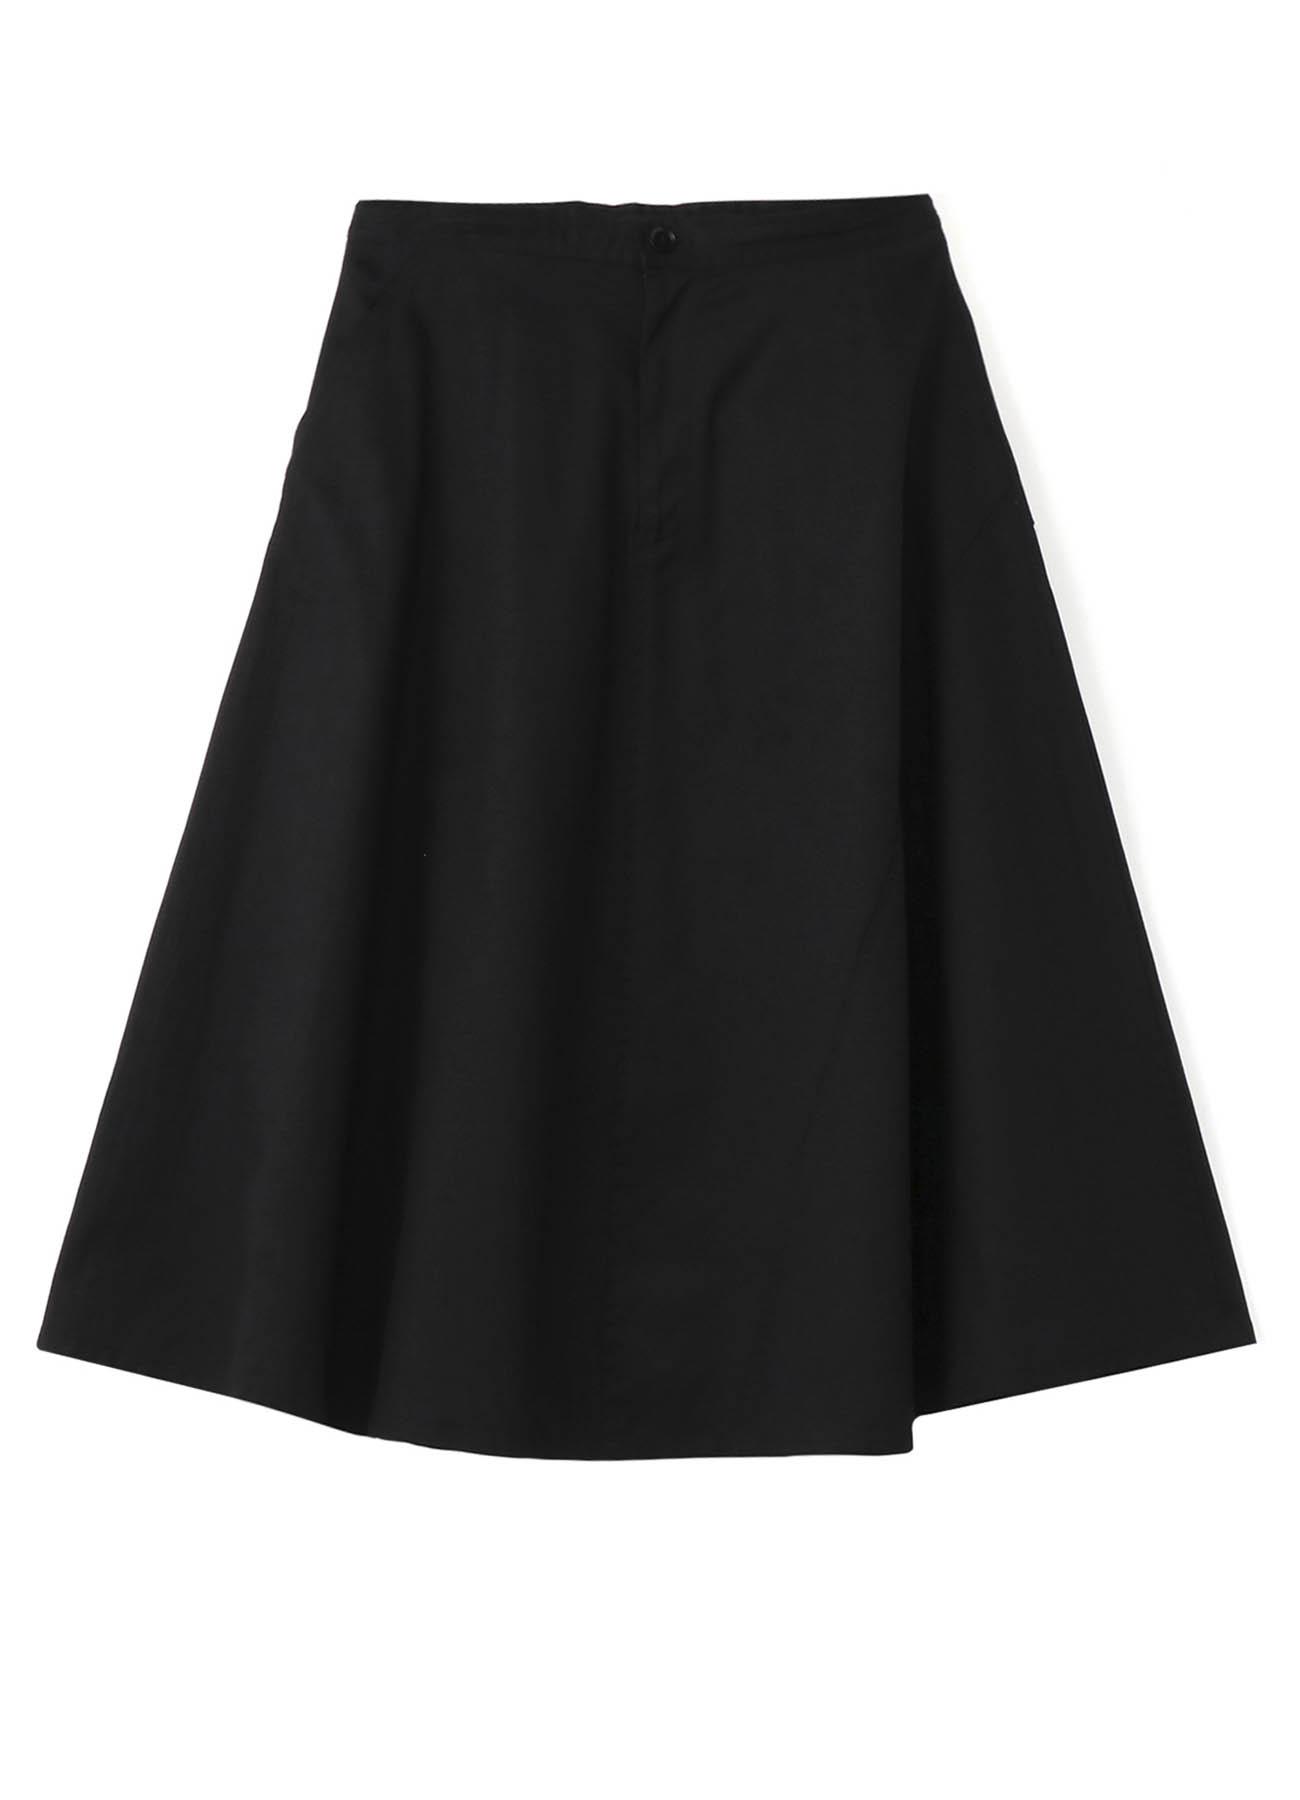 Y's-BORN PRODUCT ツイル バックポケットフレアスカート